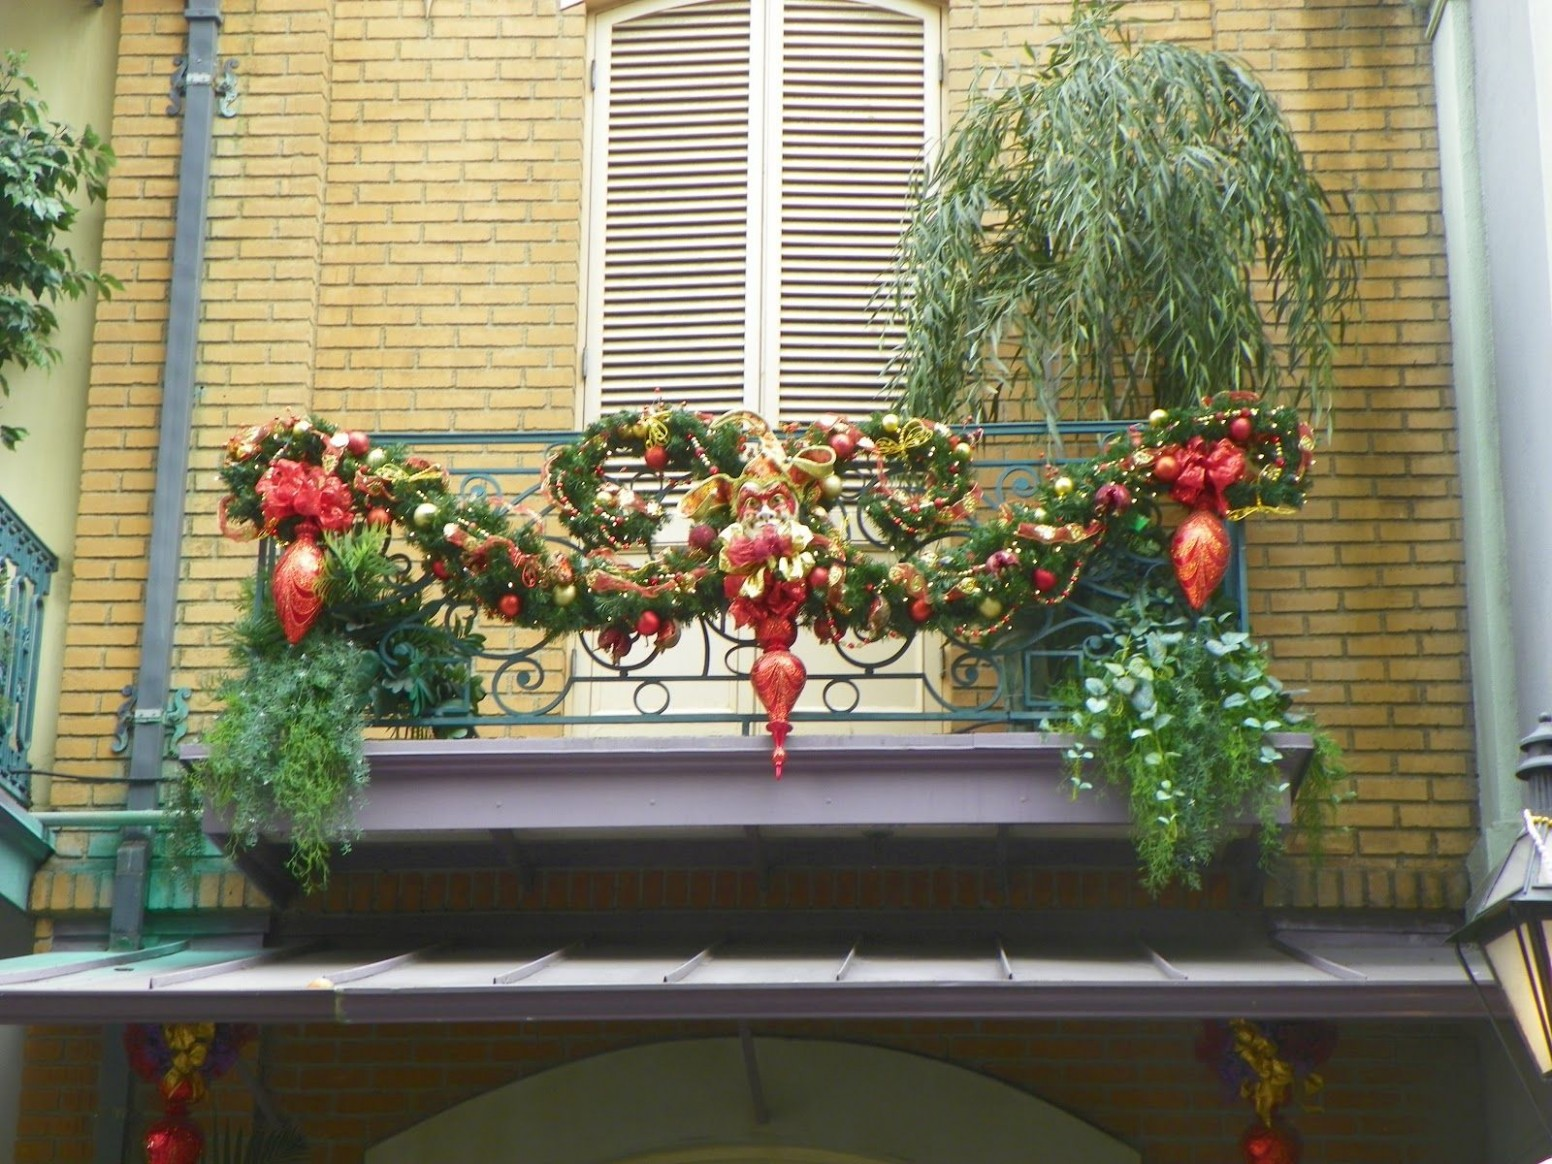 Upstairs balcony Christmas deco  Christmas apartment, Decorating  - Apartment Balcony Decorating Ideas Christmas